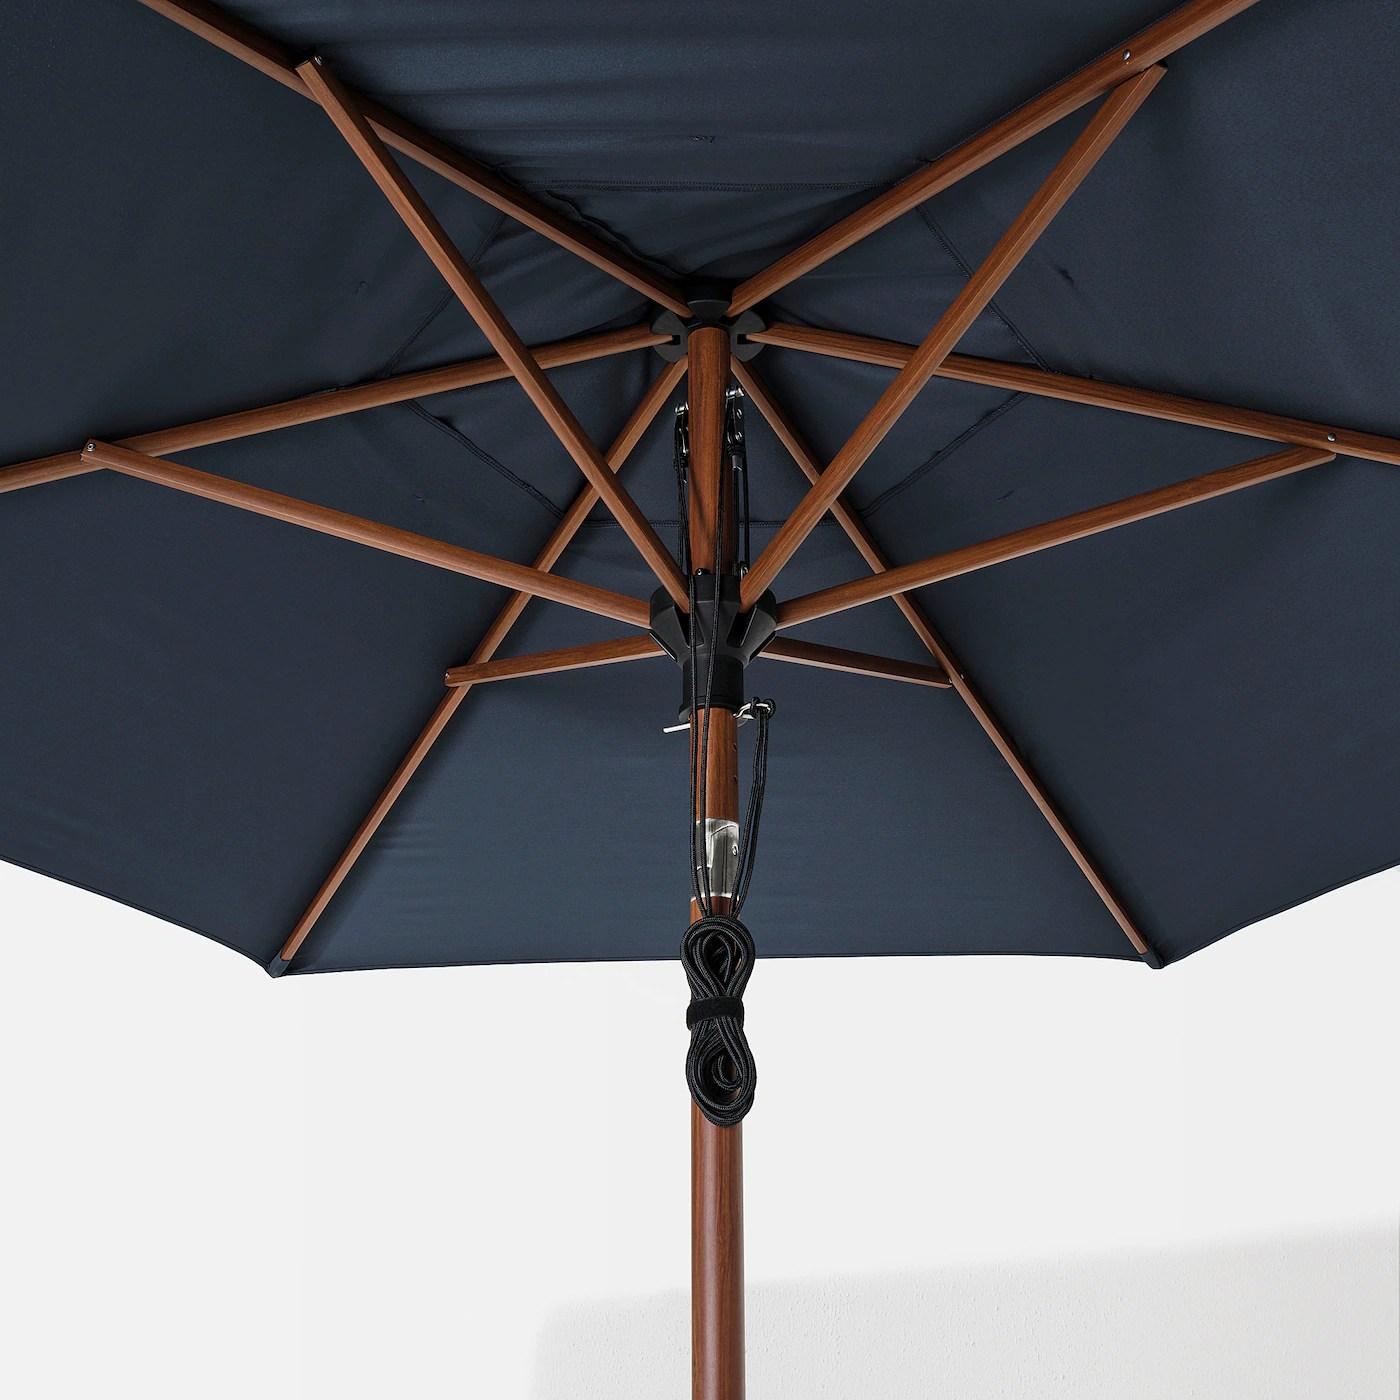 https www ikea com ca en p betsoe lindoeja patio umbrella brown wood effect dark blue s89324732